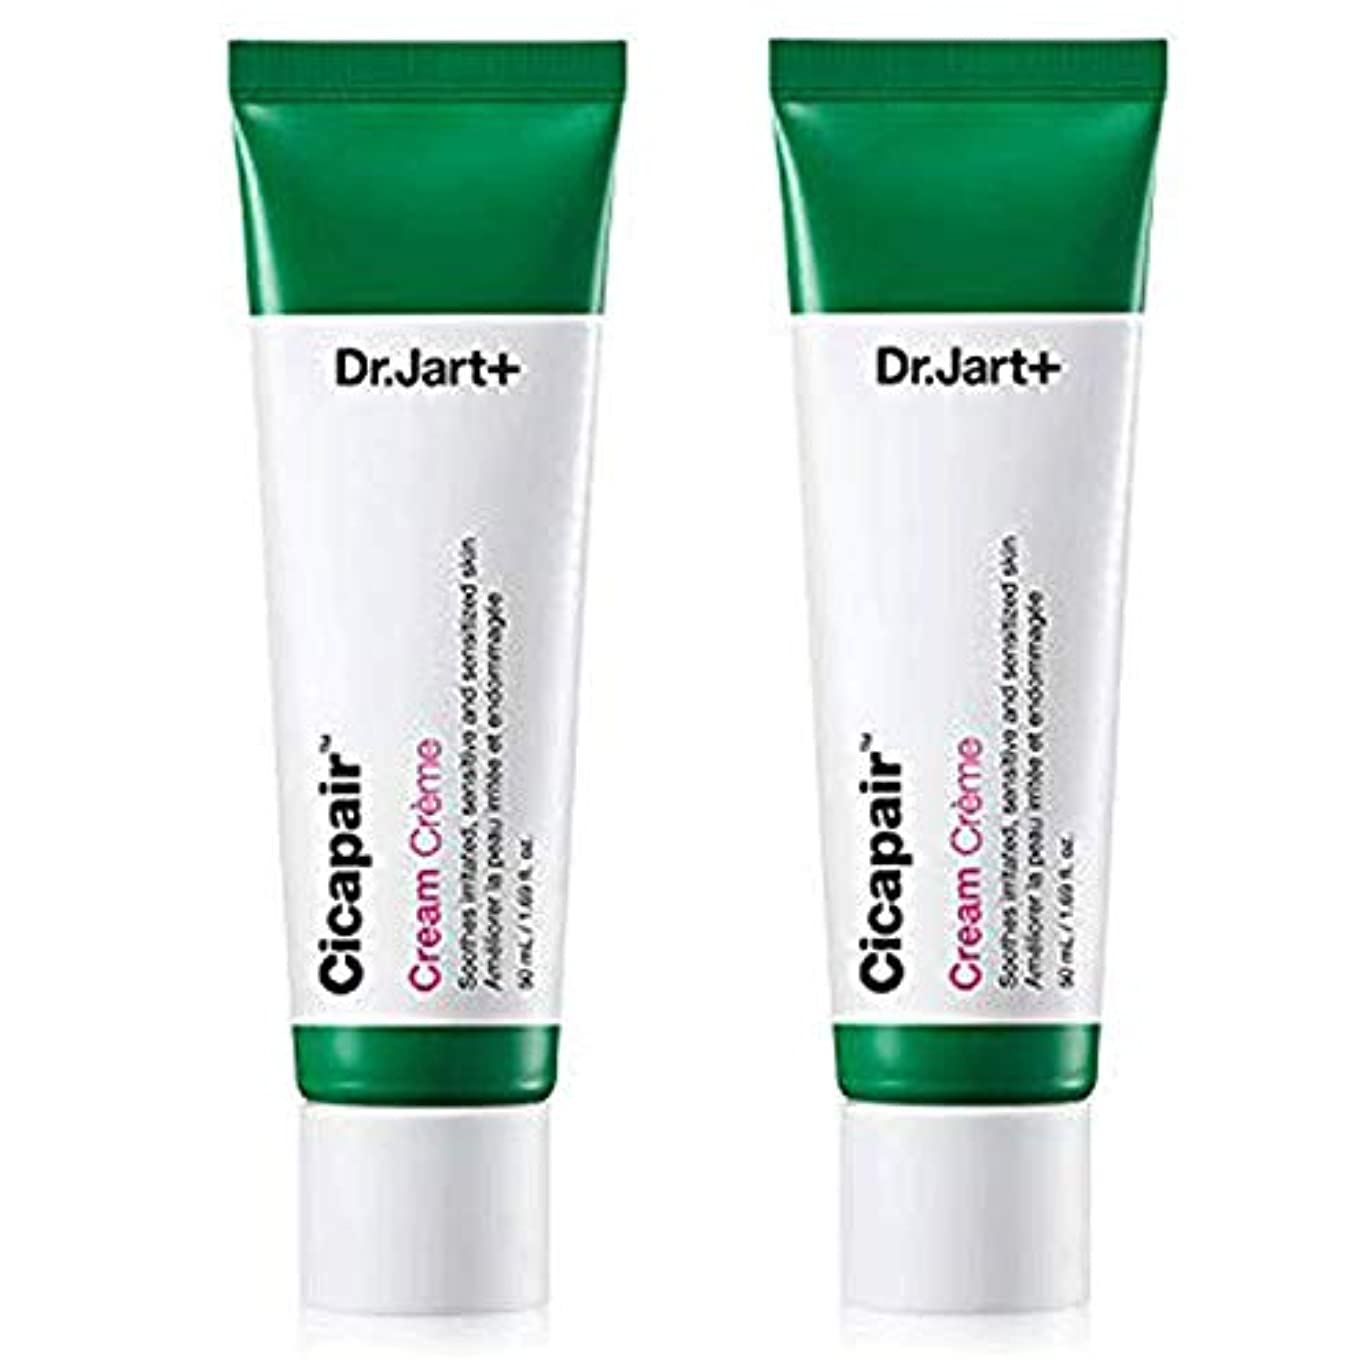 ルーキー貝殻Dr.Jart+ Cicapair Cream 50ml x 2 ドクタージャルト シカ ペア クリーム 50ml x 2(2代目) [並行輸入品]